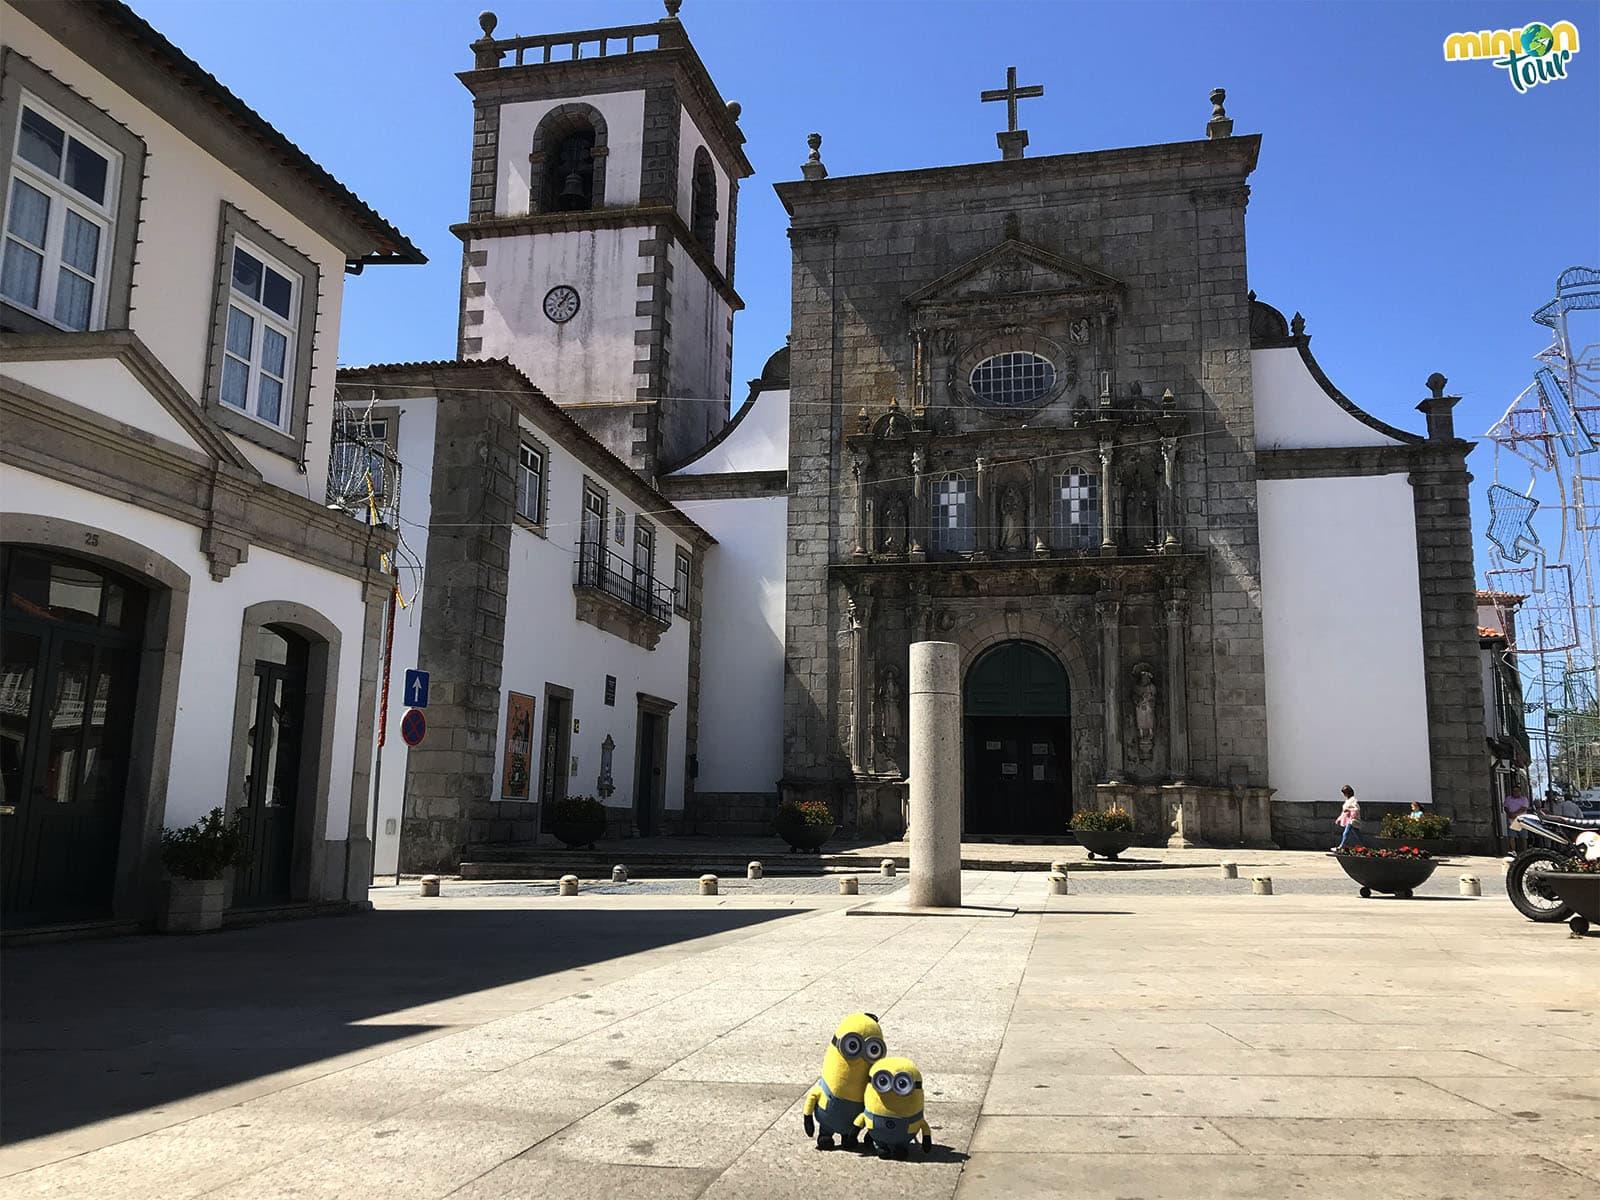 La Iglesia de Santo Domingo, una de las cosas que tienes que ver en Viana do Castelo